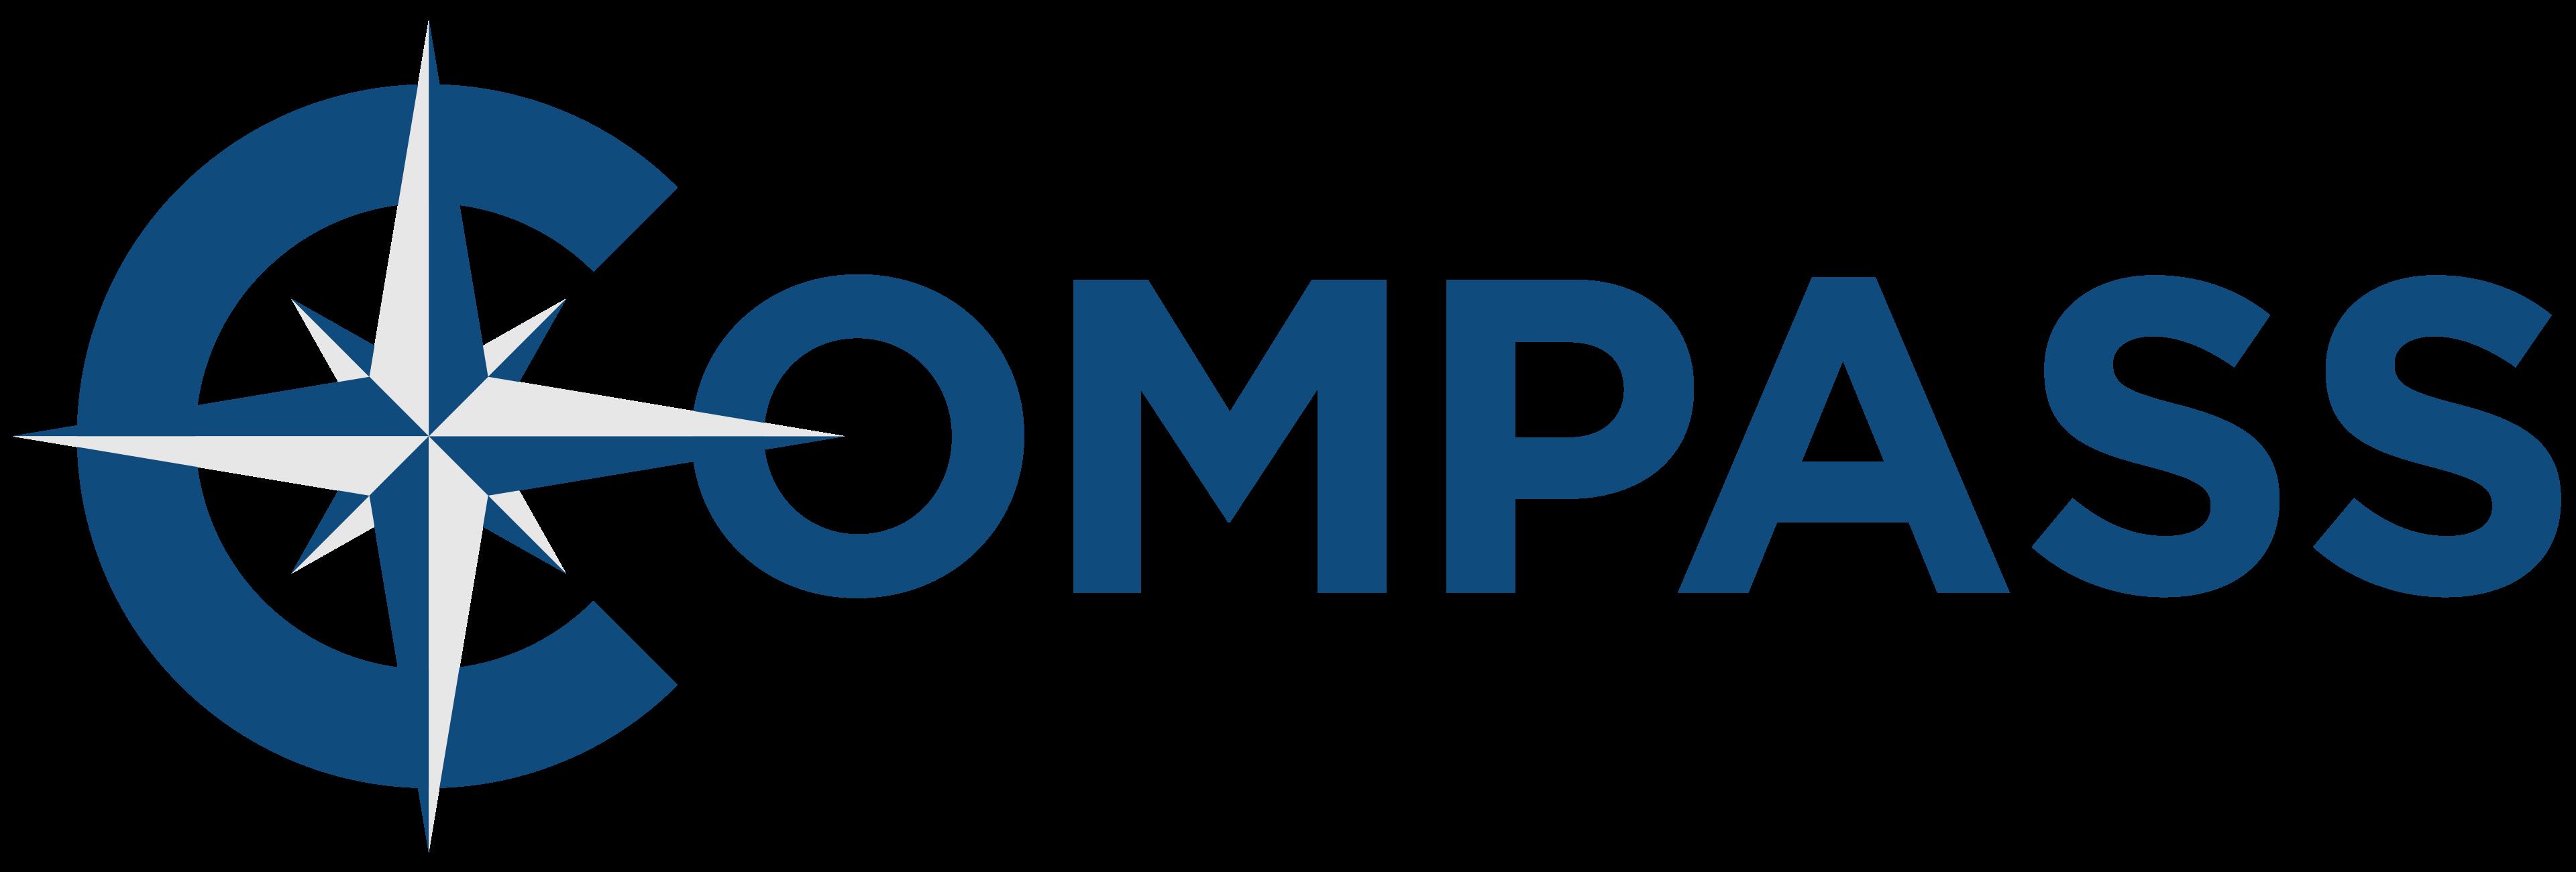 compass logo 4k SOLO